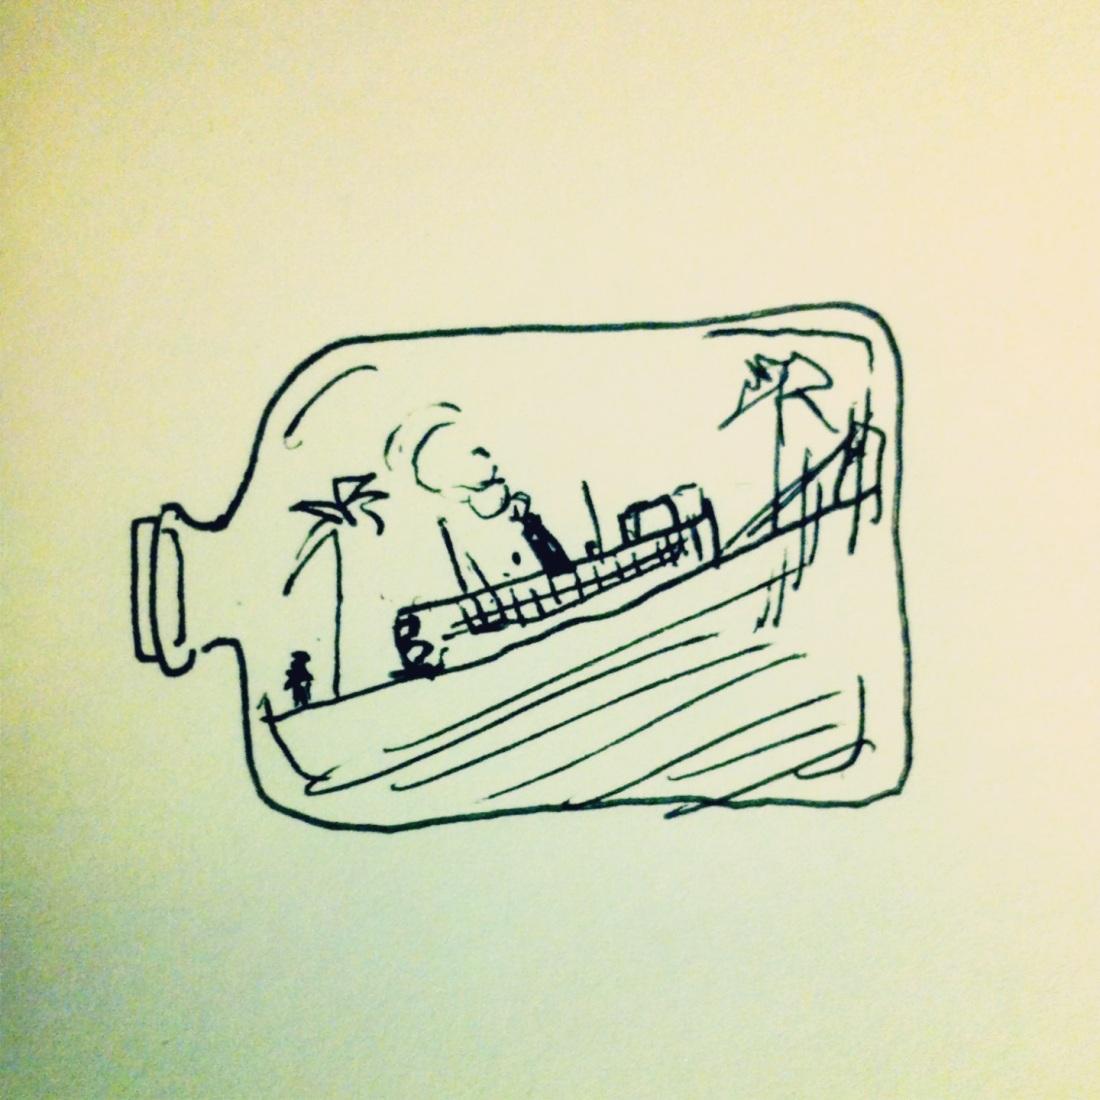 fitz doodle